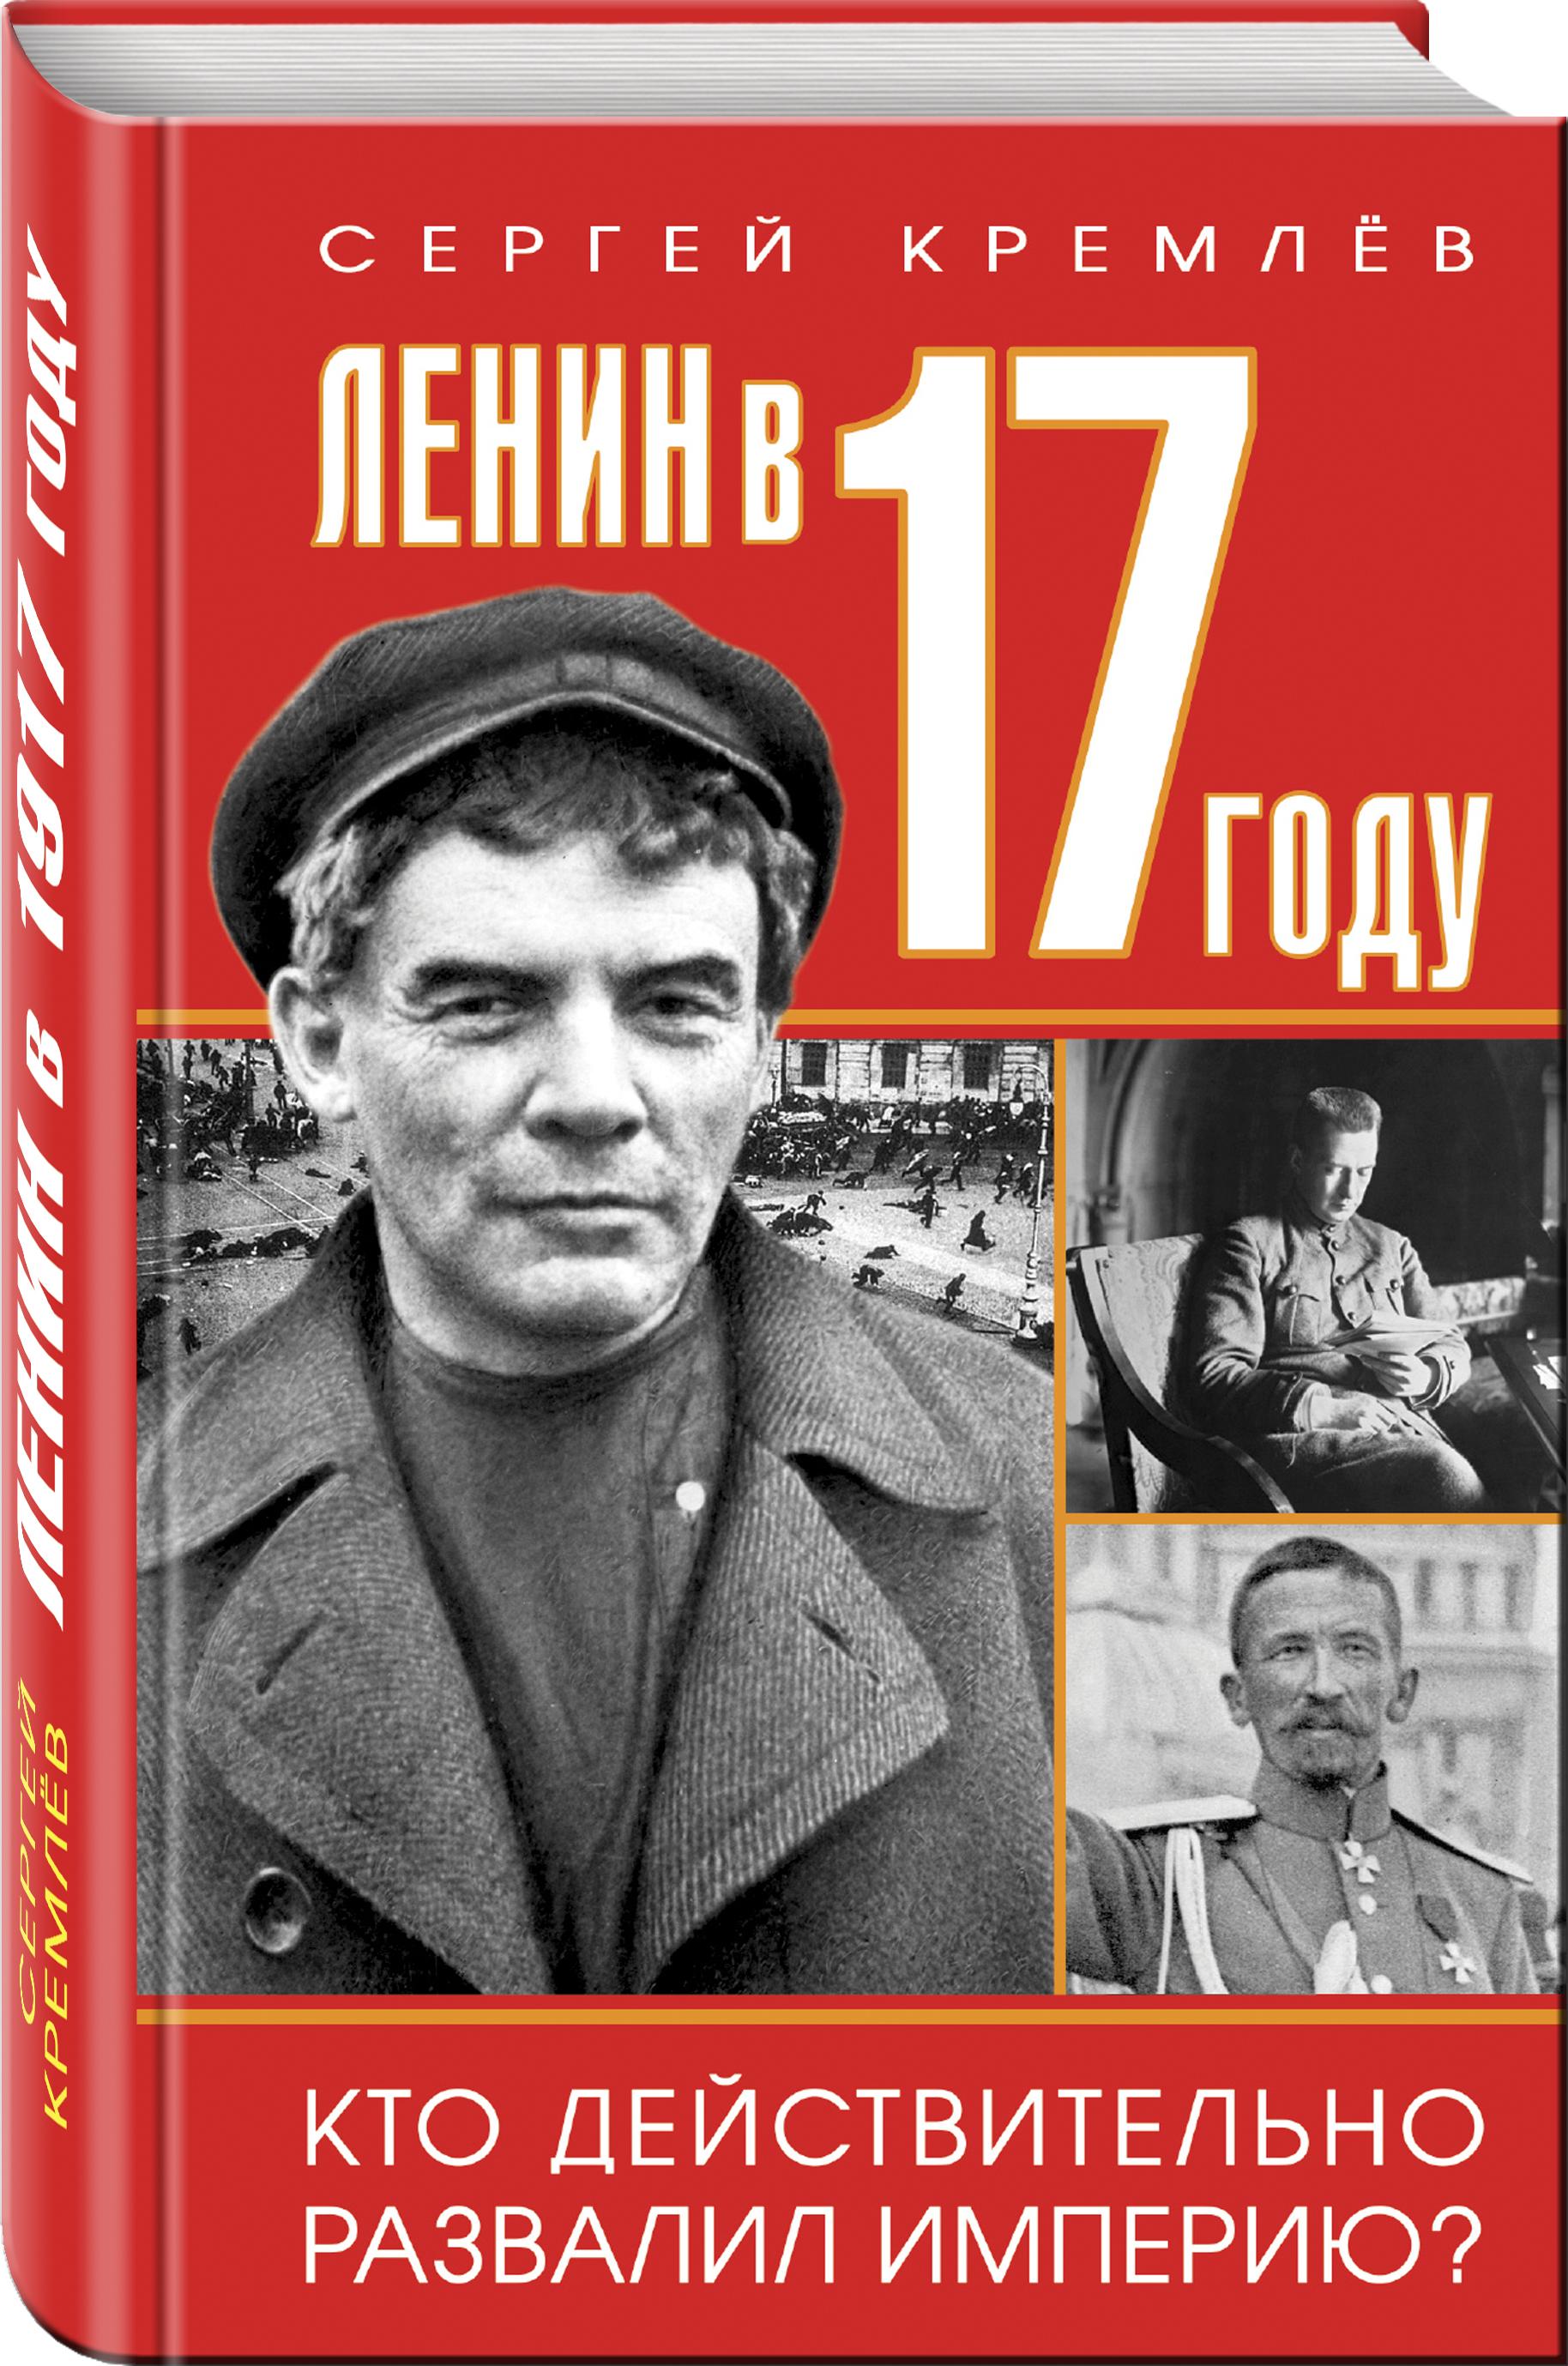 Кремлёв С. Ленин в 1917 году ленин в ленин о троцком и троцкизме из истории ркп б